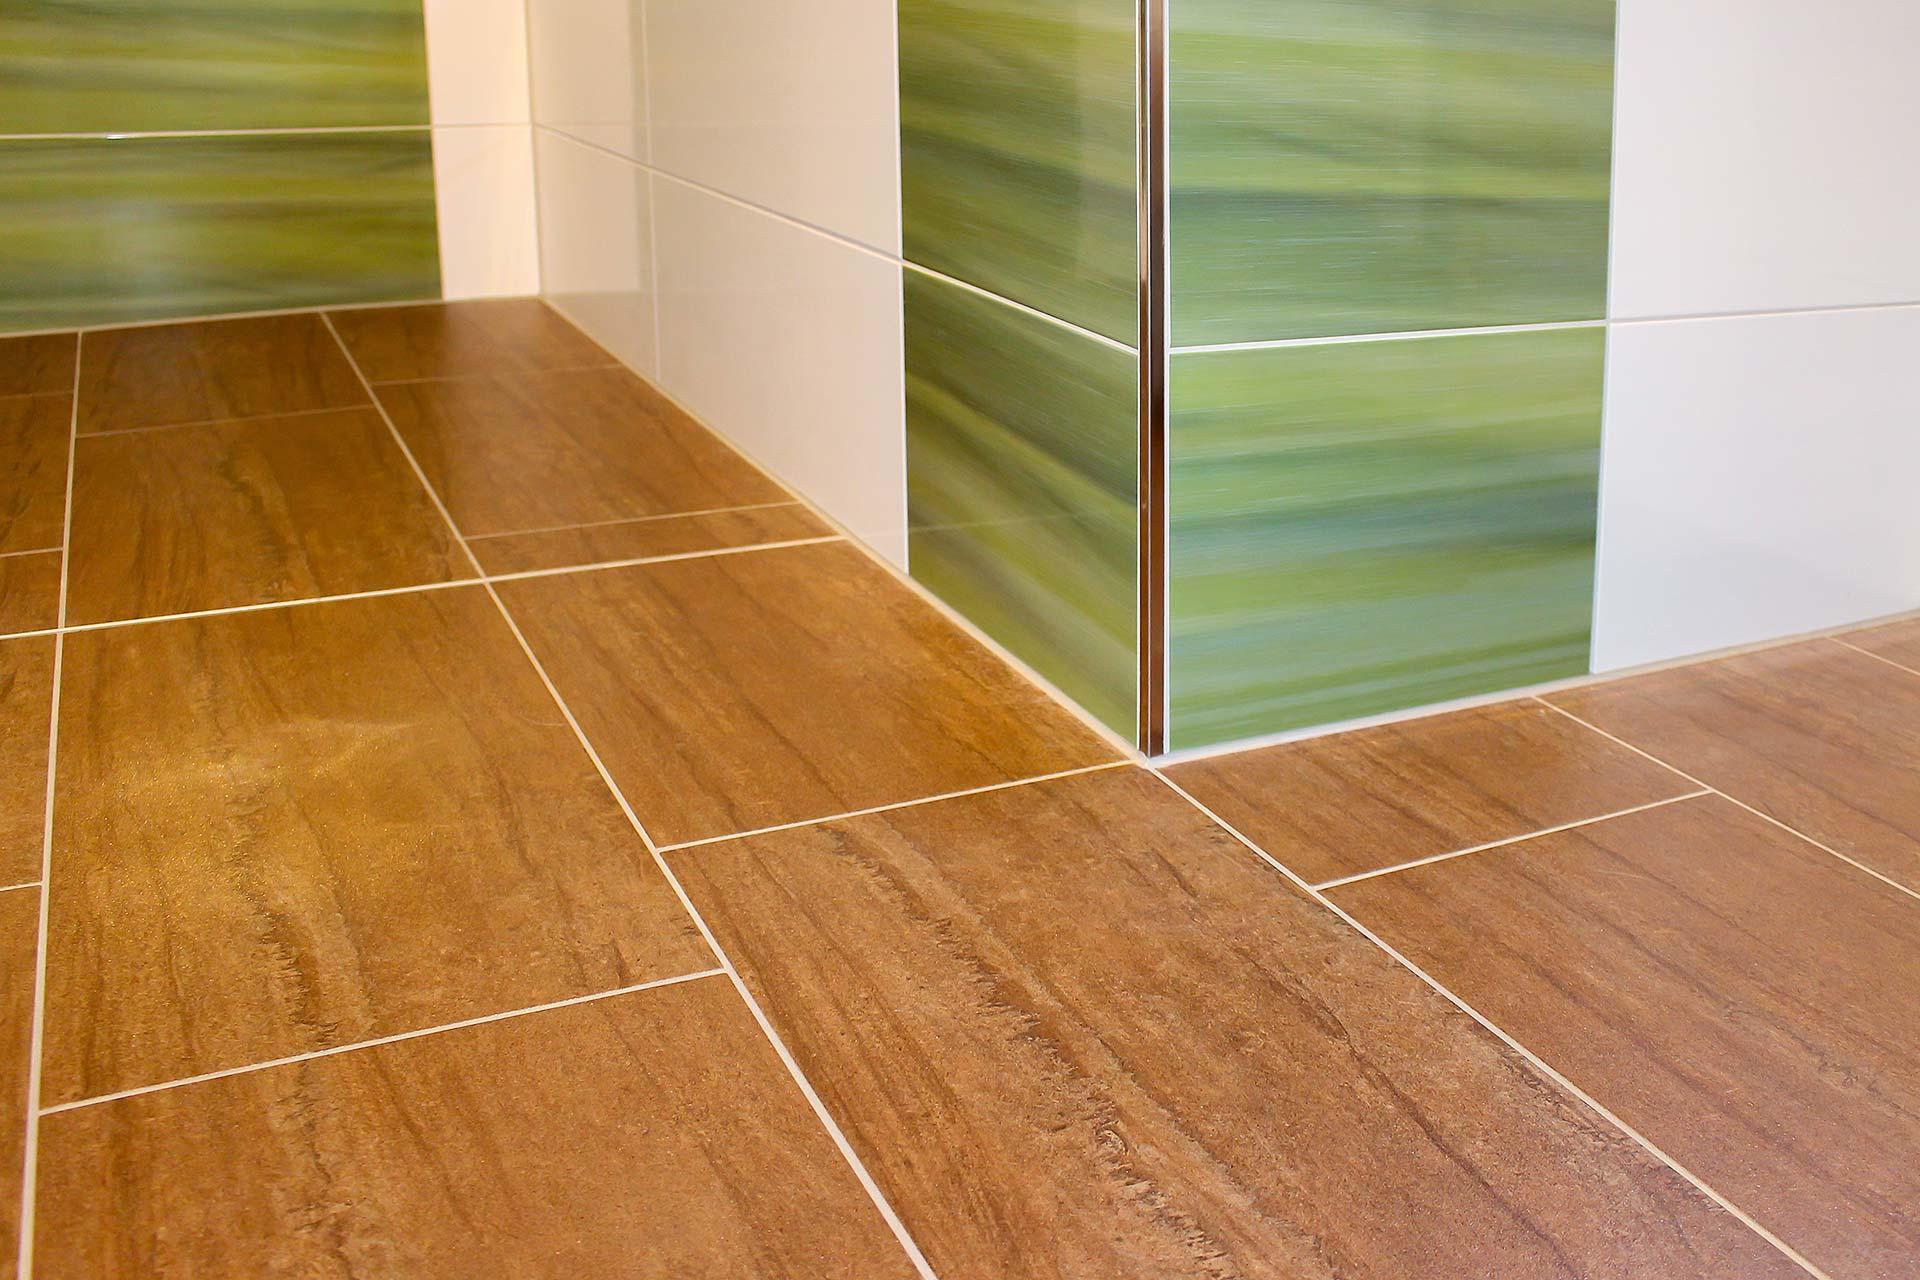 Badezimmer mit weißen und grünen Wandfliesen sowie braunen Bodenfliesen